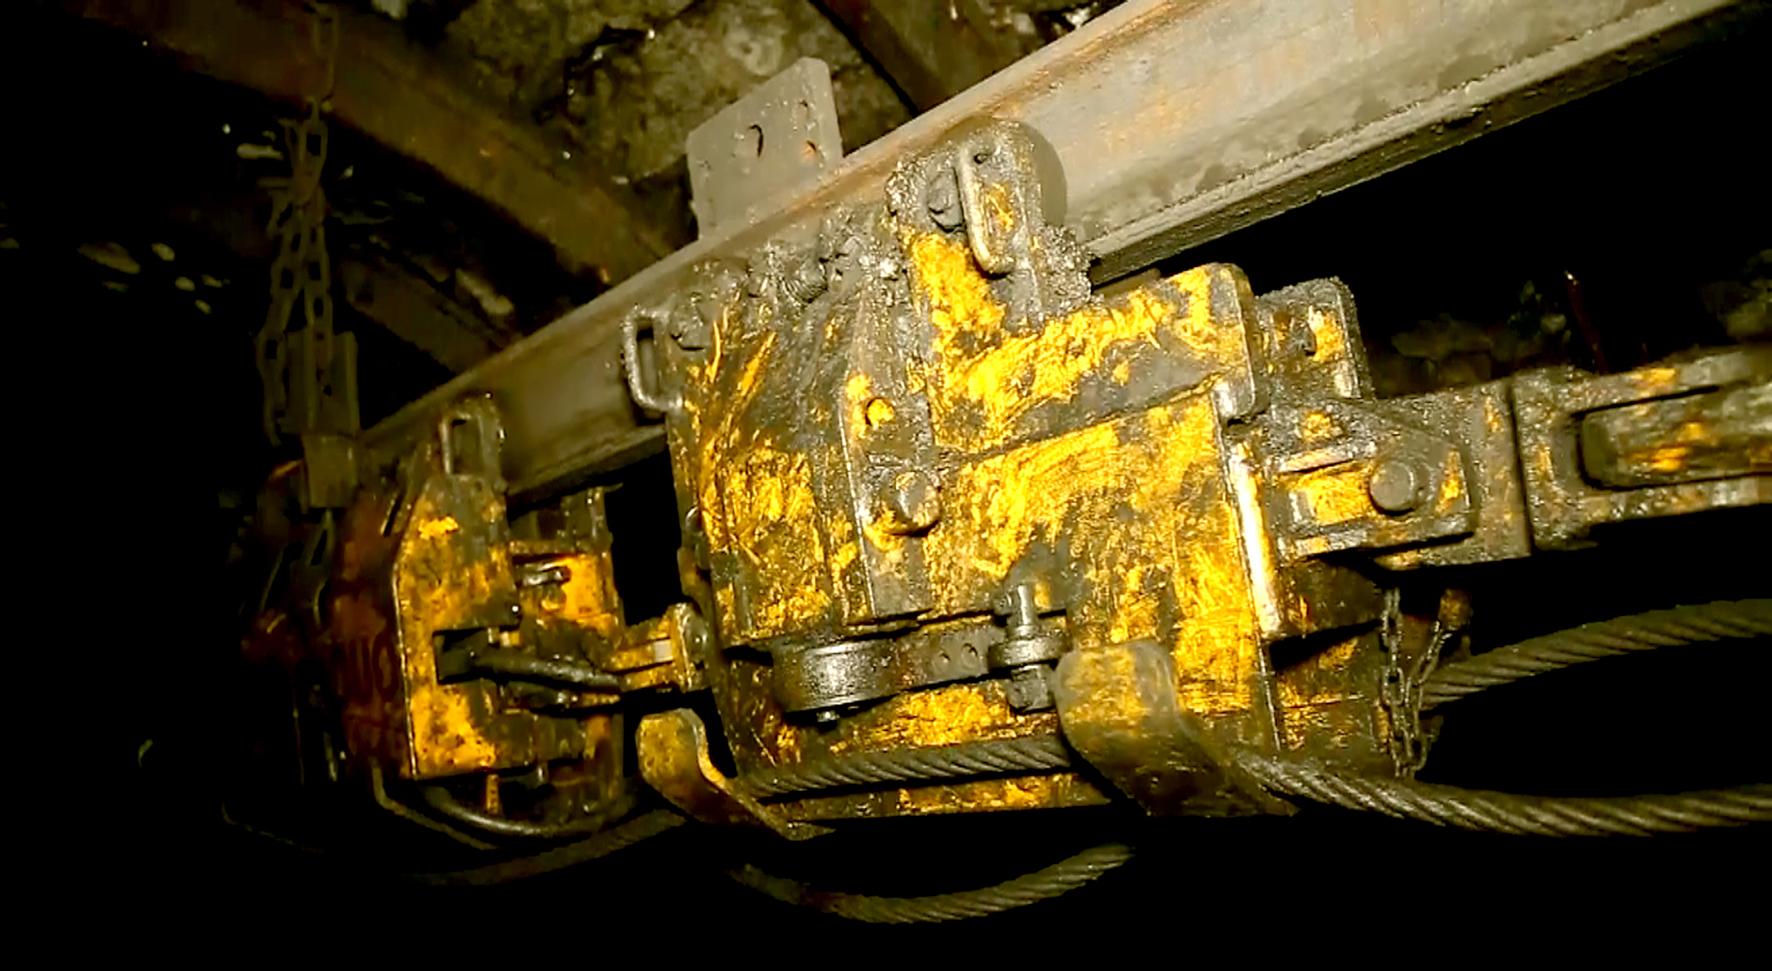 Ứng dụng sáng tạo trong công tác vận chuyển vật liệu mỏ tại Than Nam Mẫu (5)